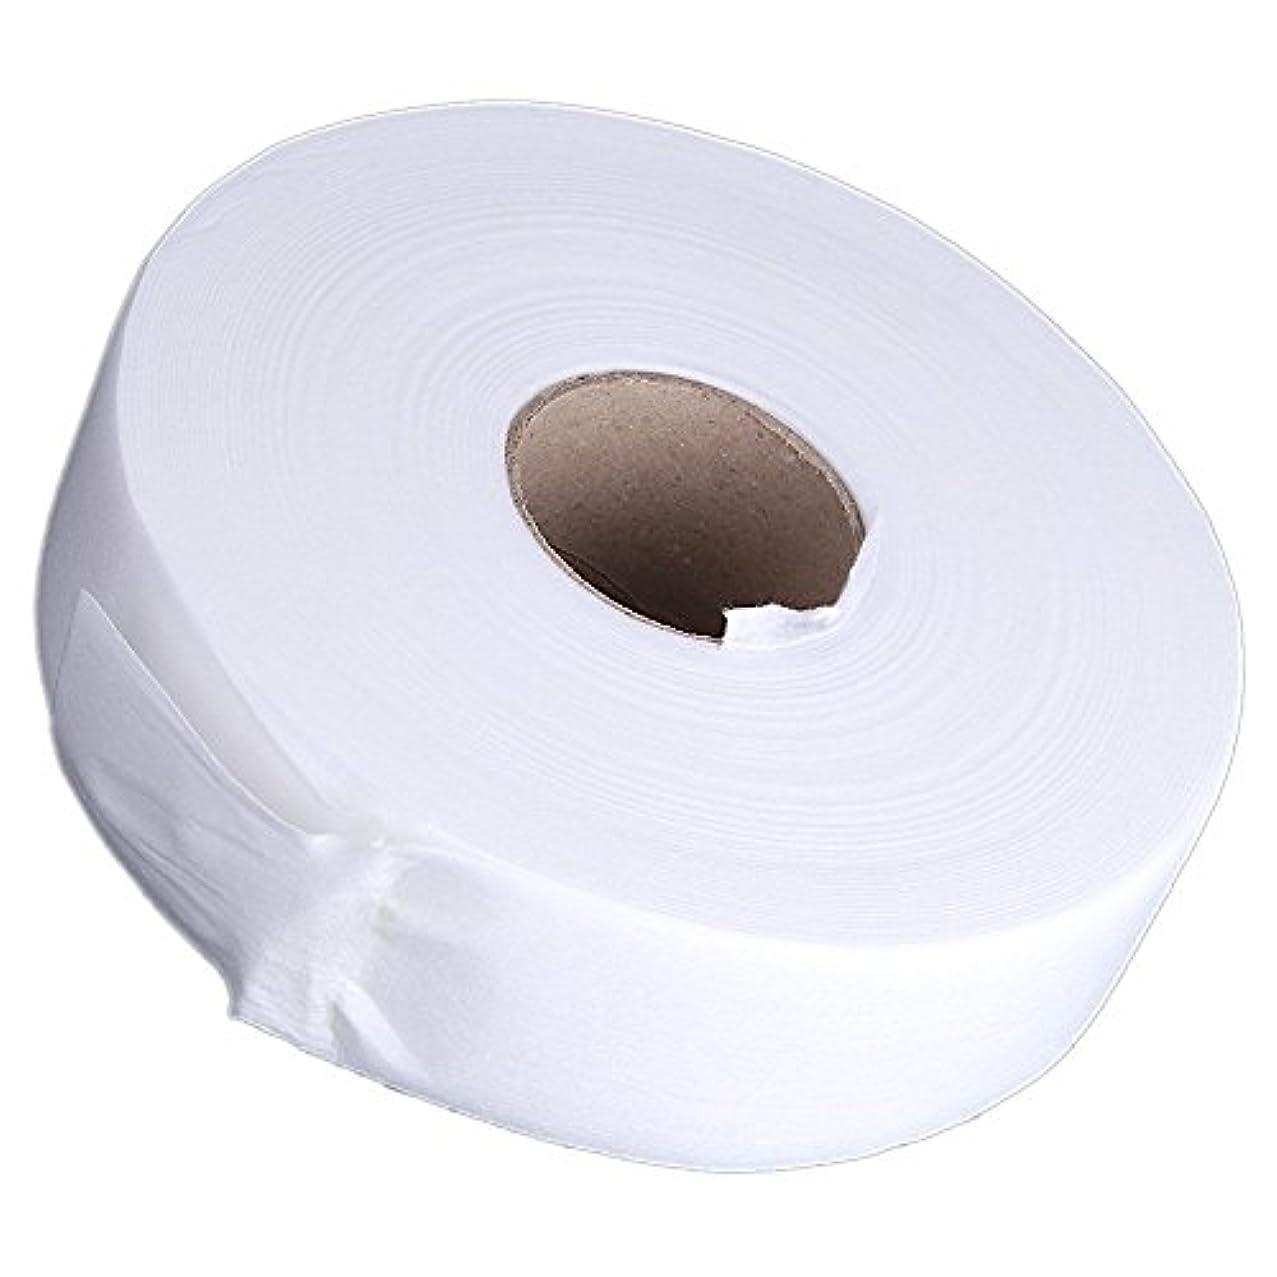 クマノミ有効化プロットGaoominy 100ヤードの脱毛紙脱毛ワックスストリップ 不織布ペーパーワックスロール(白)